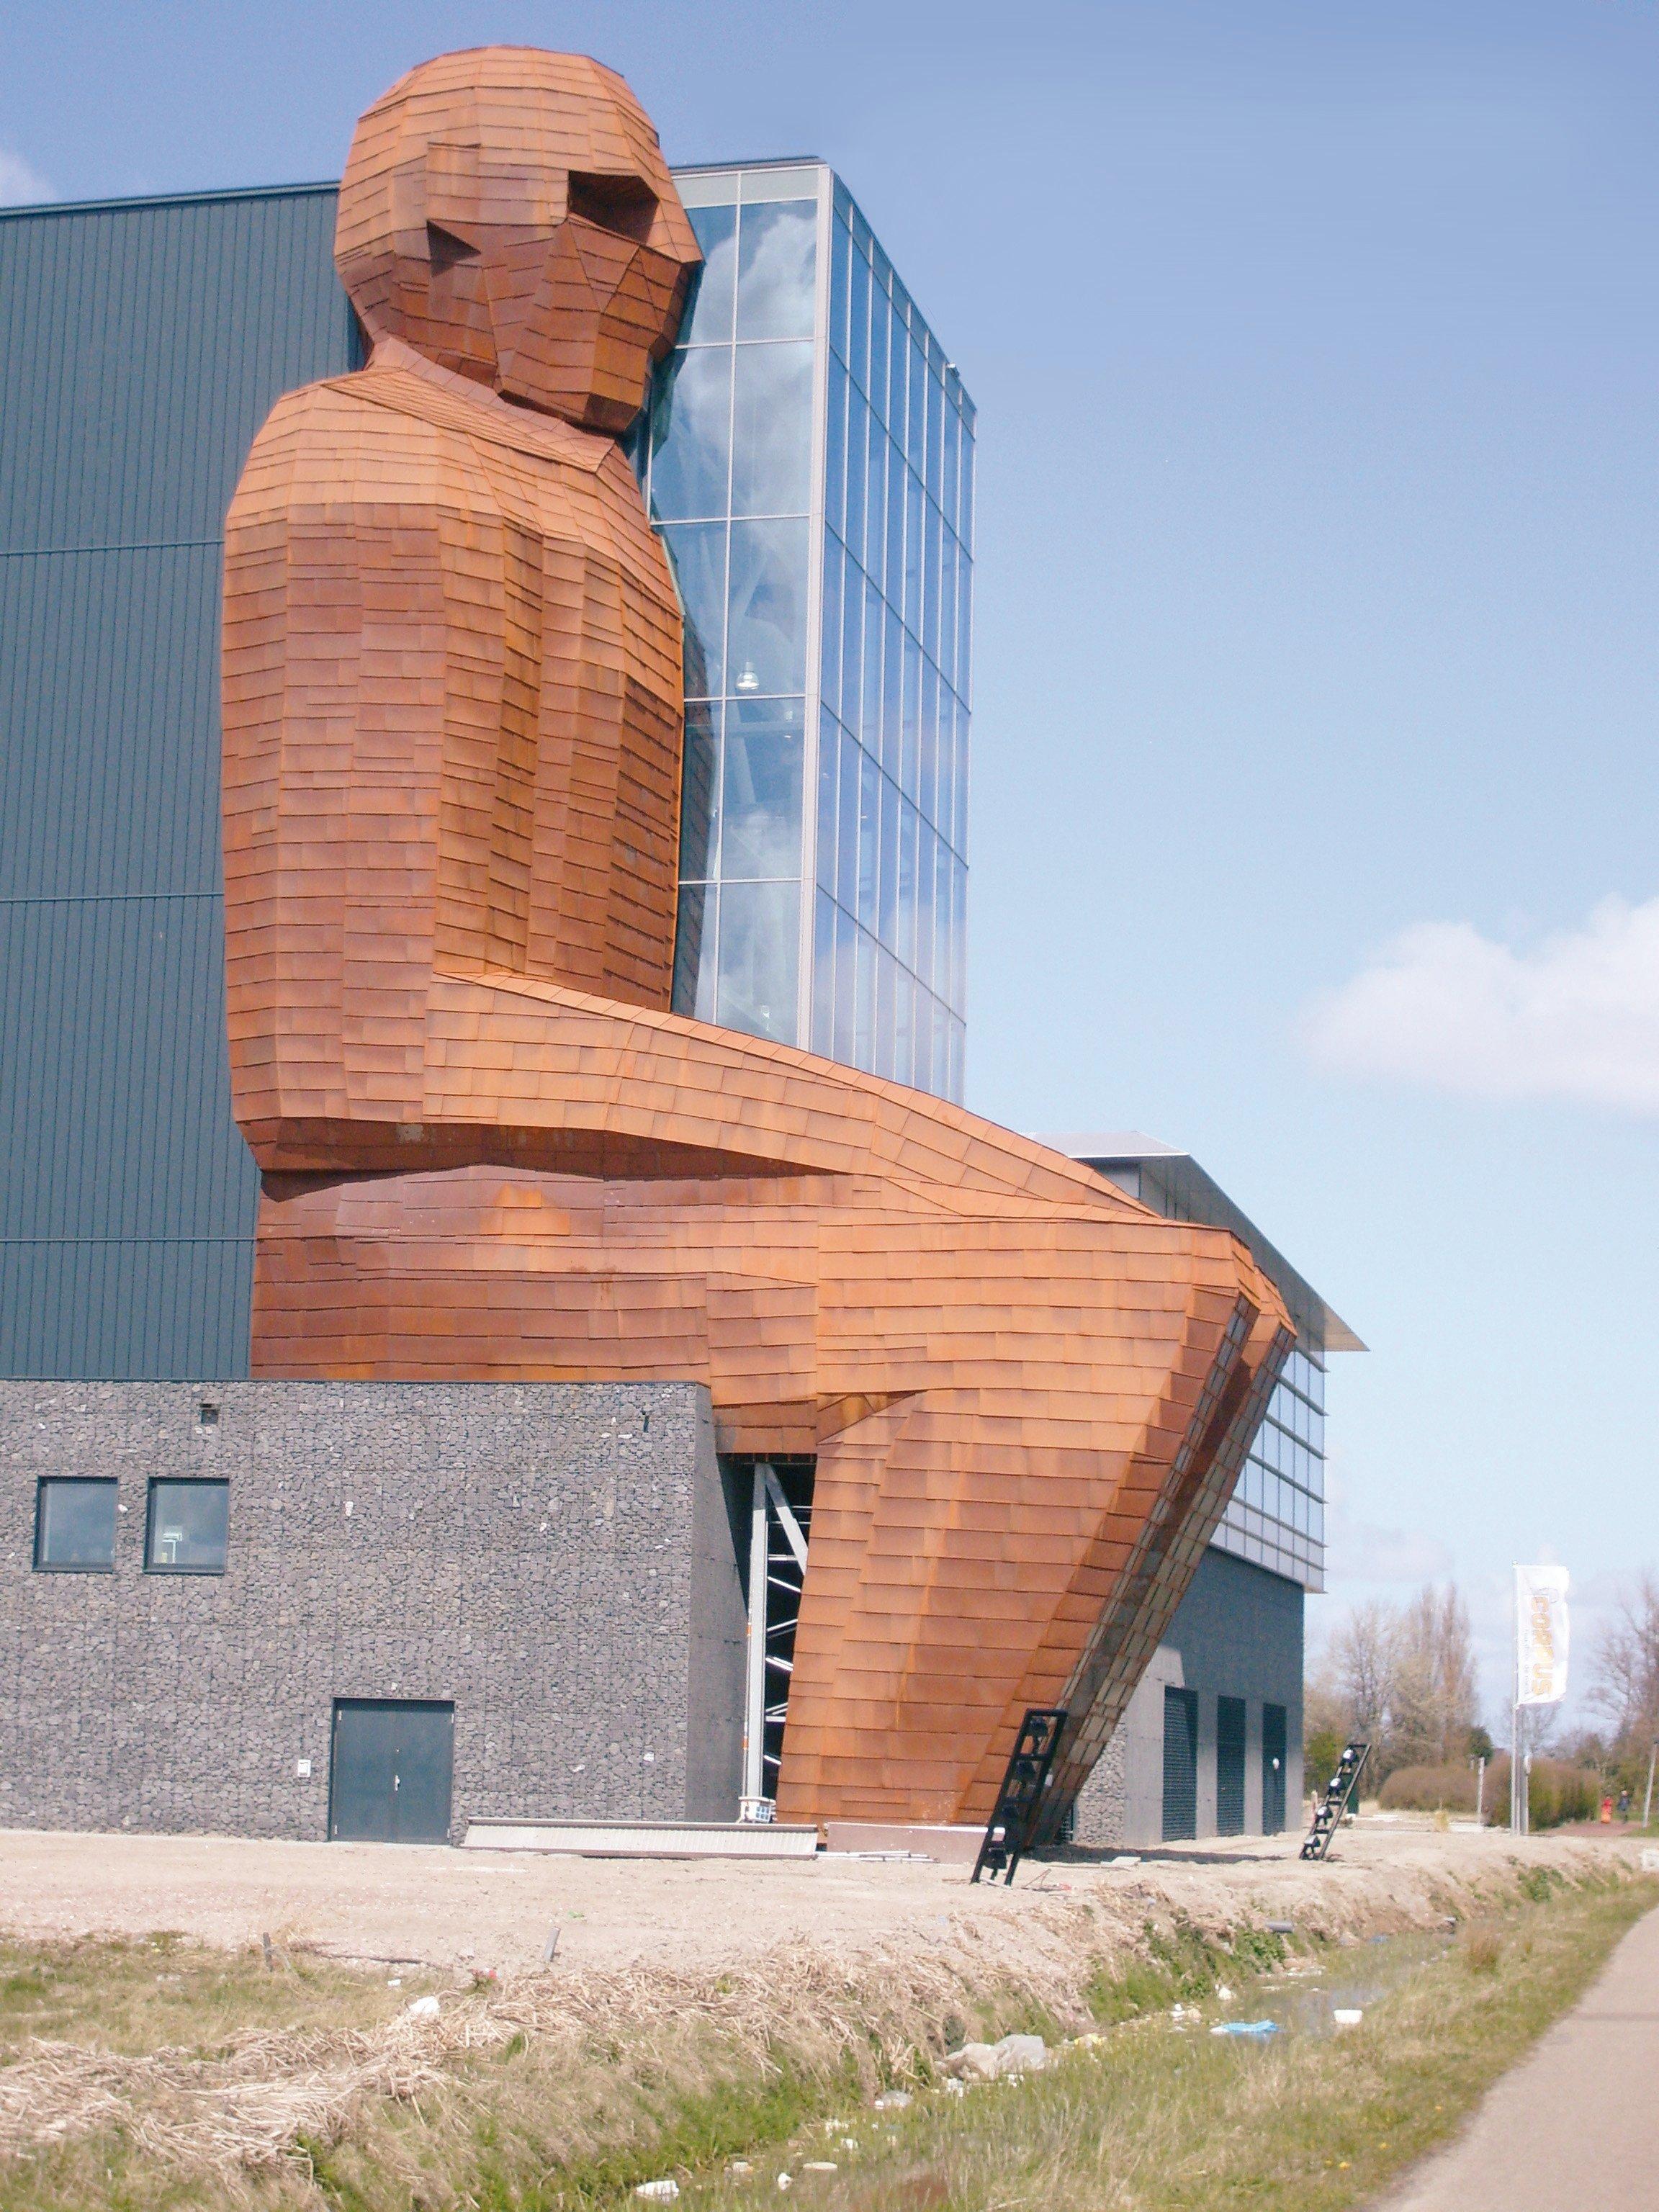 Museumsarchitektur_Corpus-Museum_201804